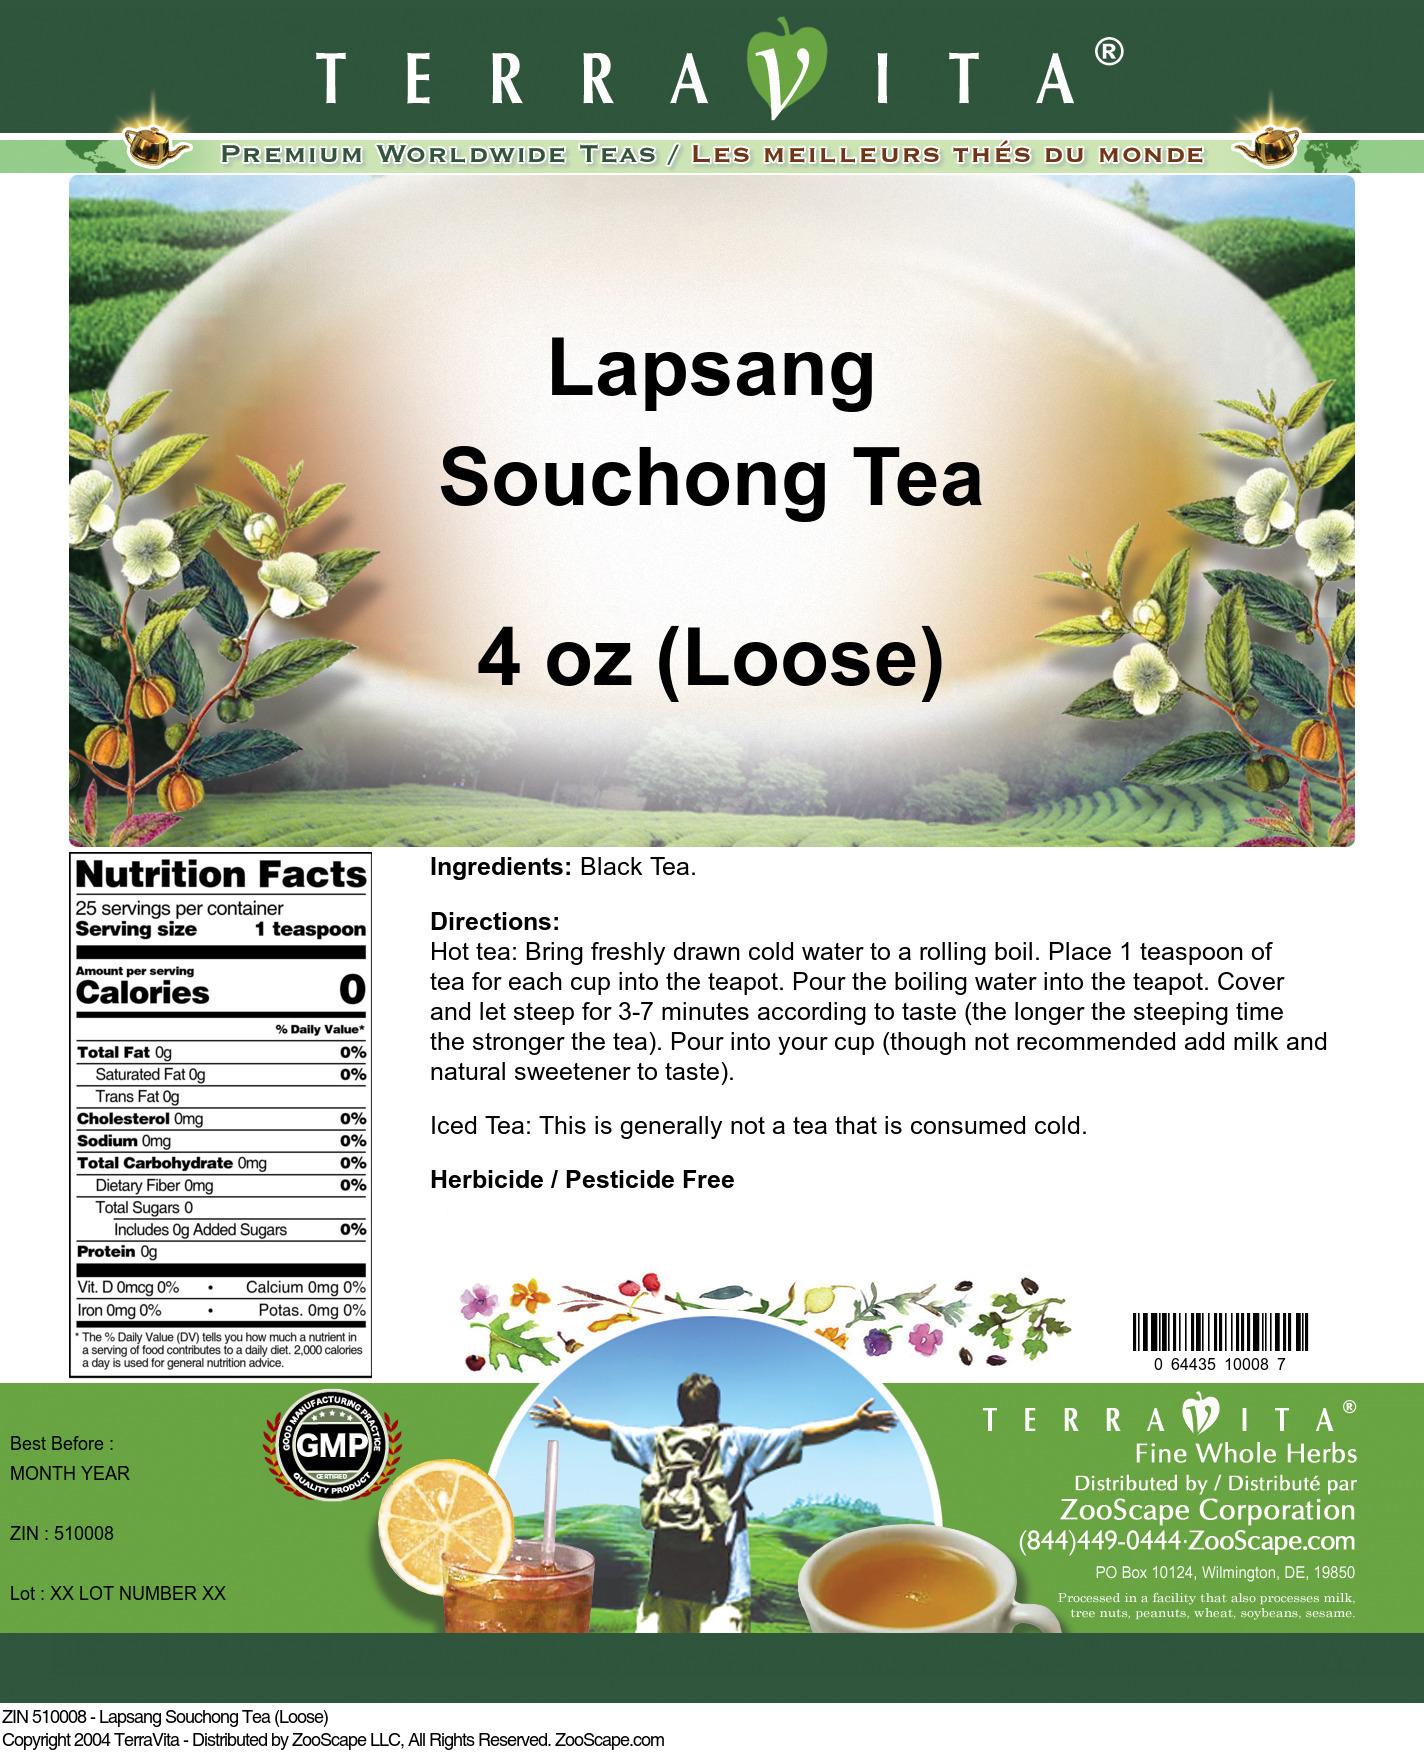 Lapsang Souchong Tea (Loose)